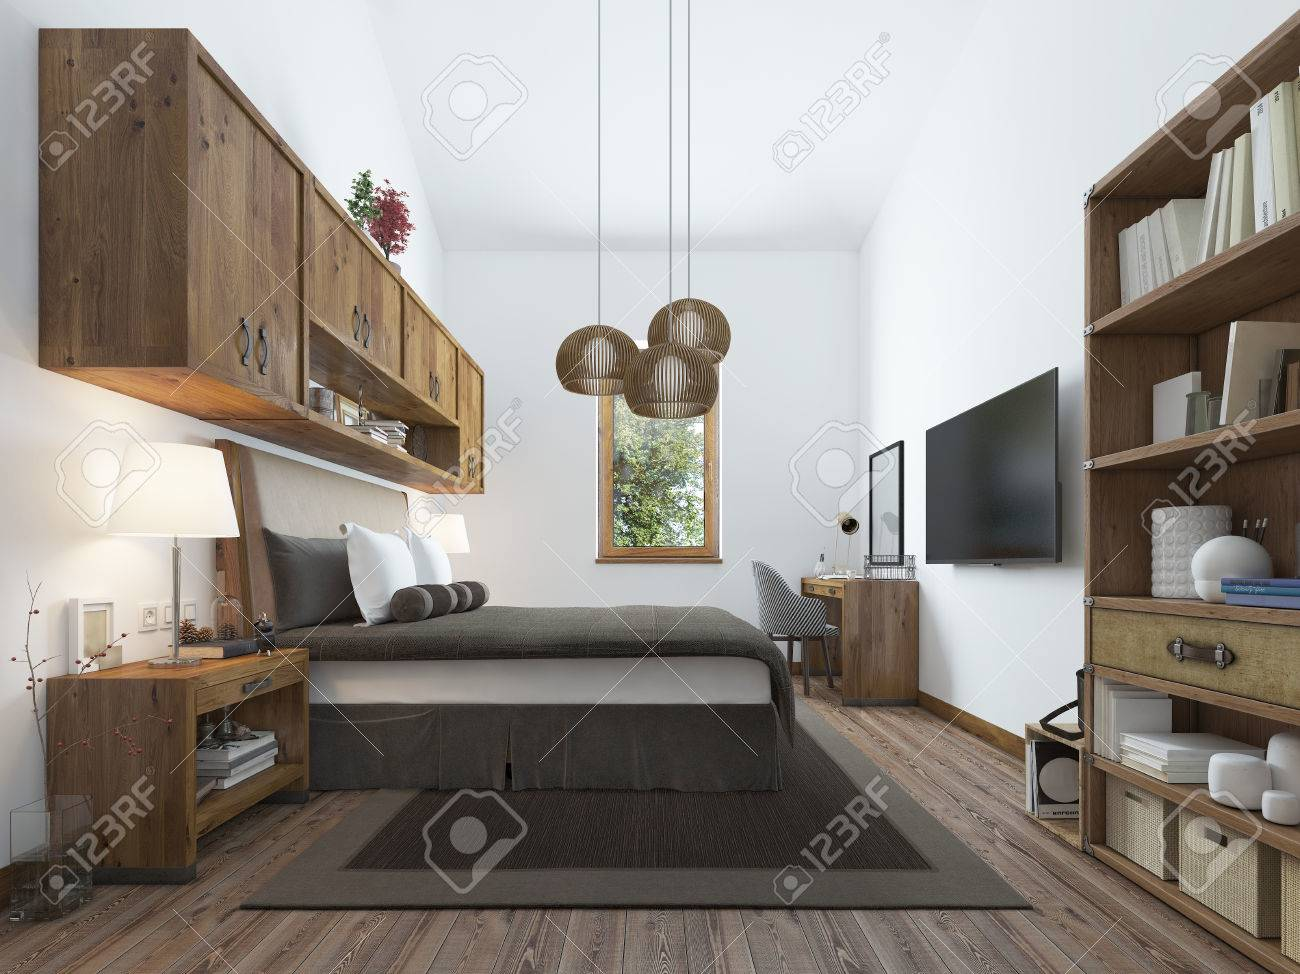 Grande chambre dans un style moderne avec des éléments d\'un loft rustique.  Solution intéressante avec des étagères au-dessus du lit et un balcon au ...